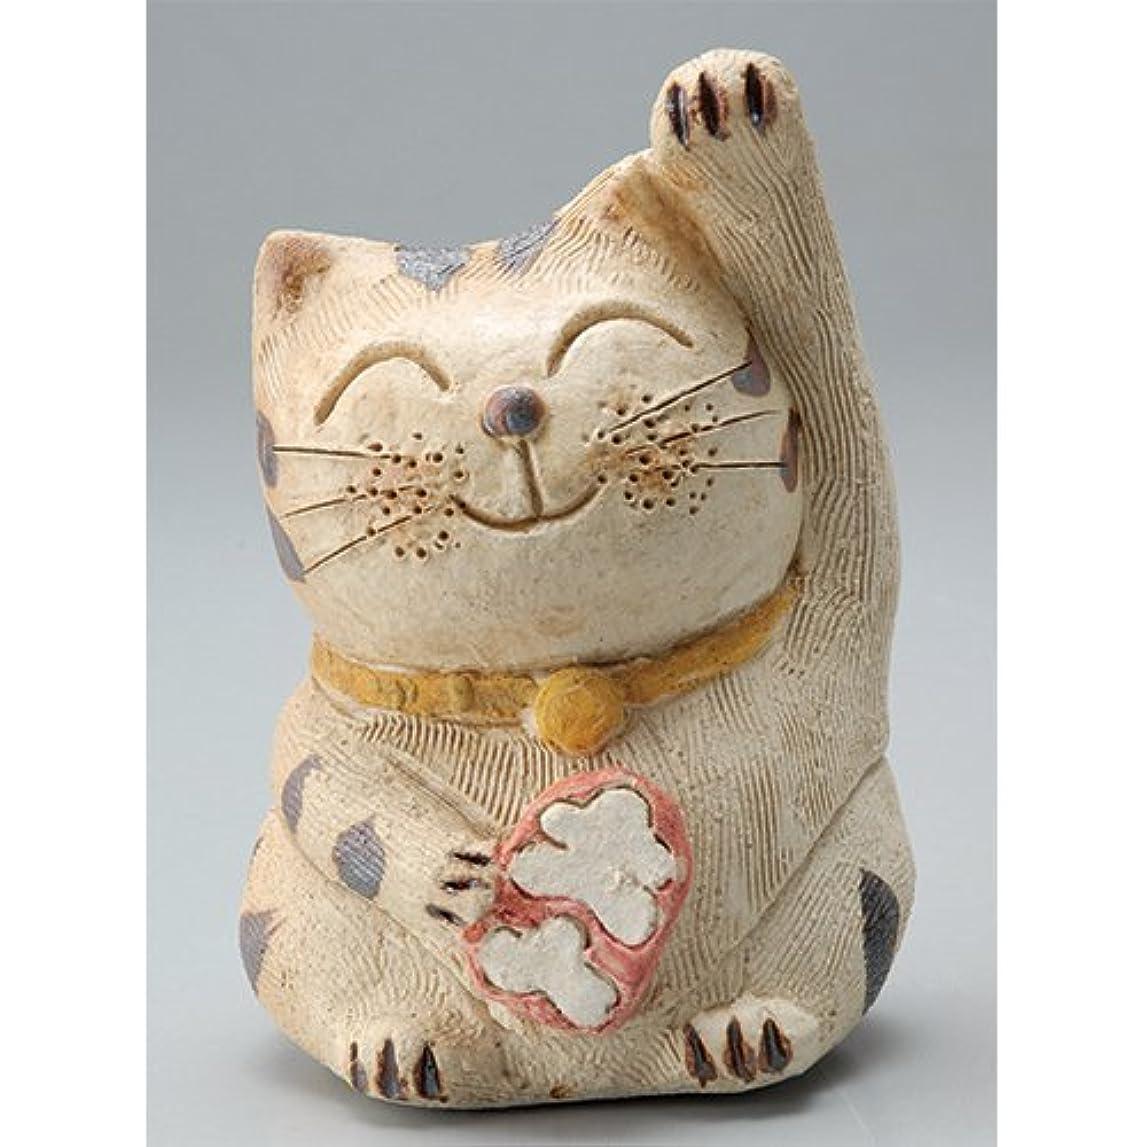 ワインバット増加する香炉 微笑み招き猫(人招き)香炉(中) [H14cm] HANDMADE プレゼント ギフト 和食器 かわいい インテリア